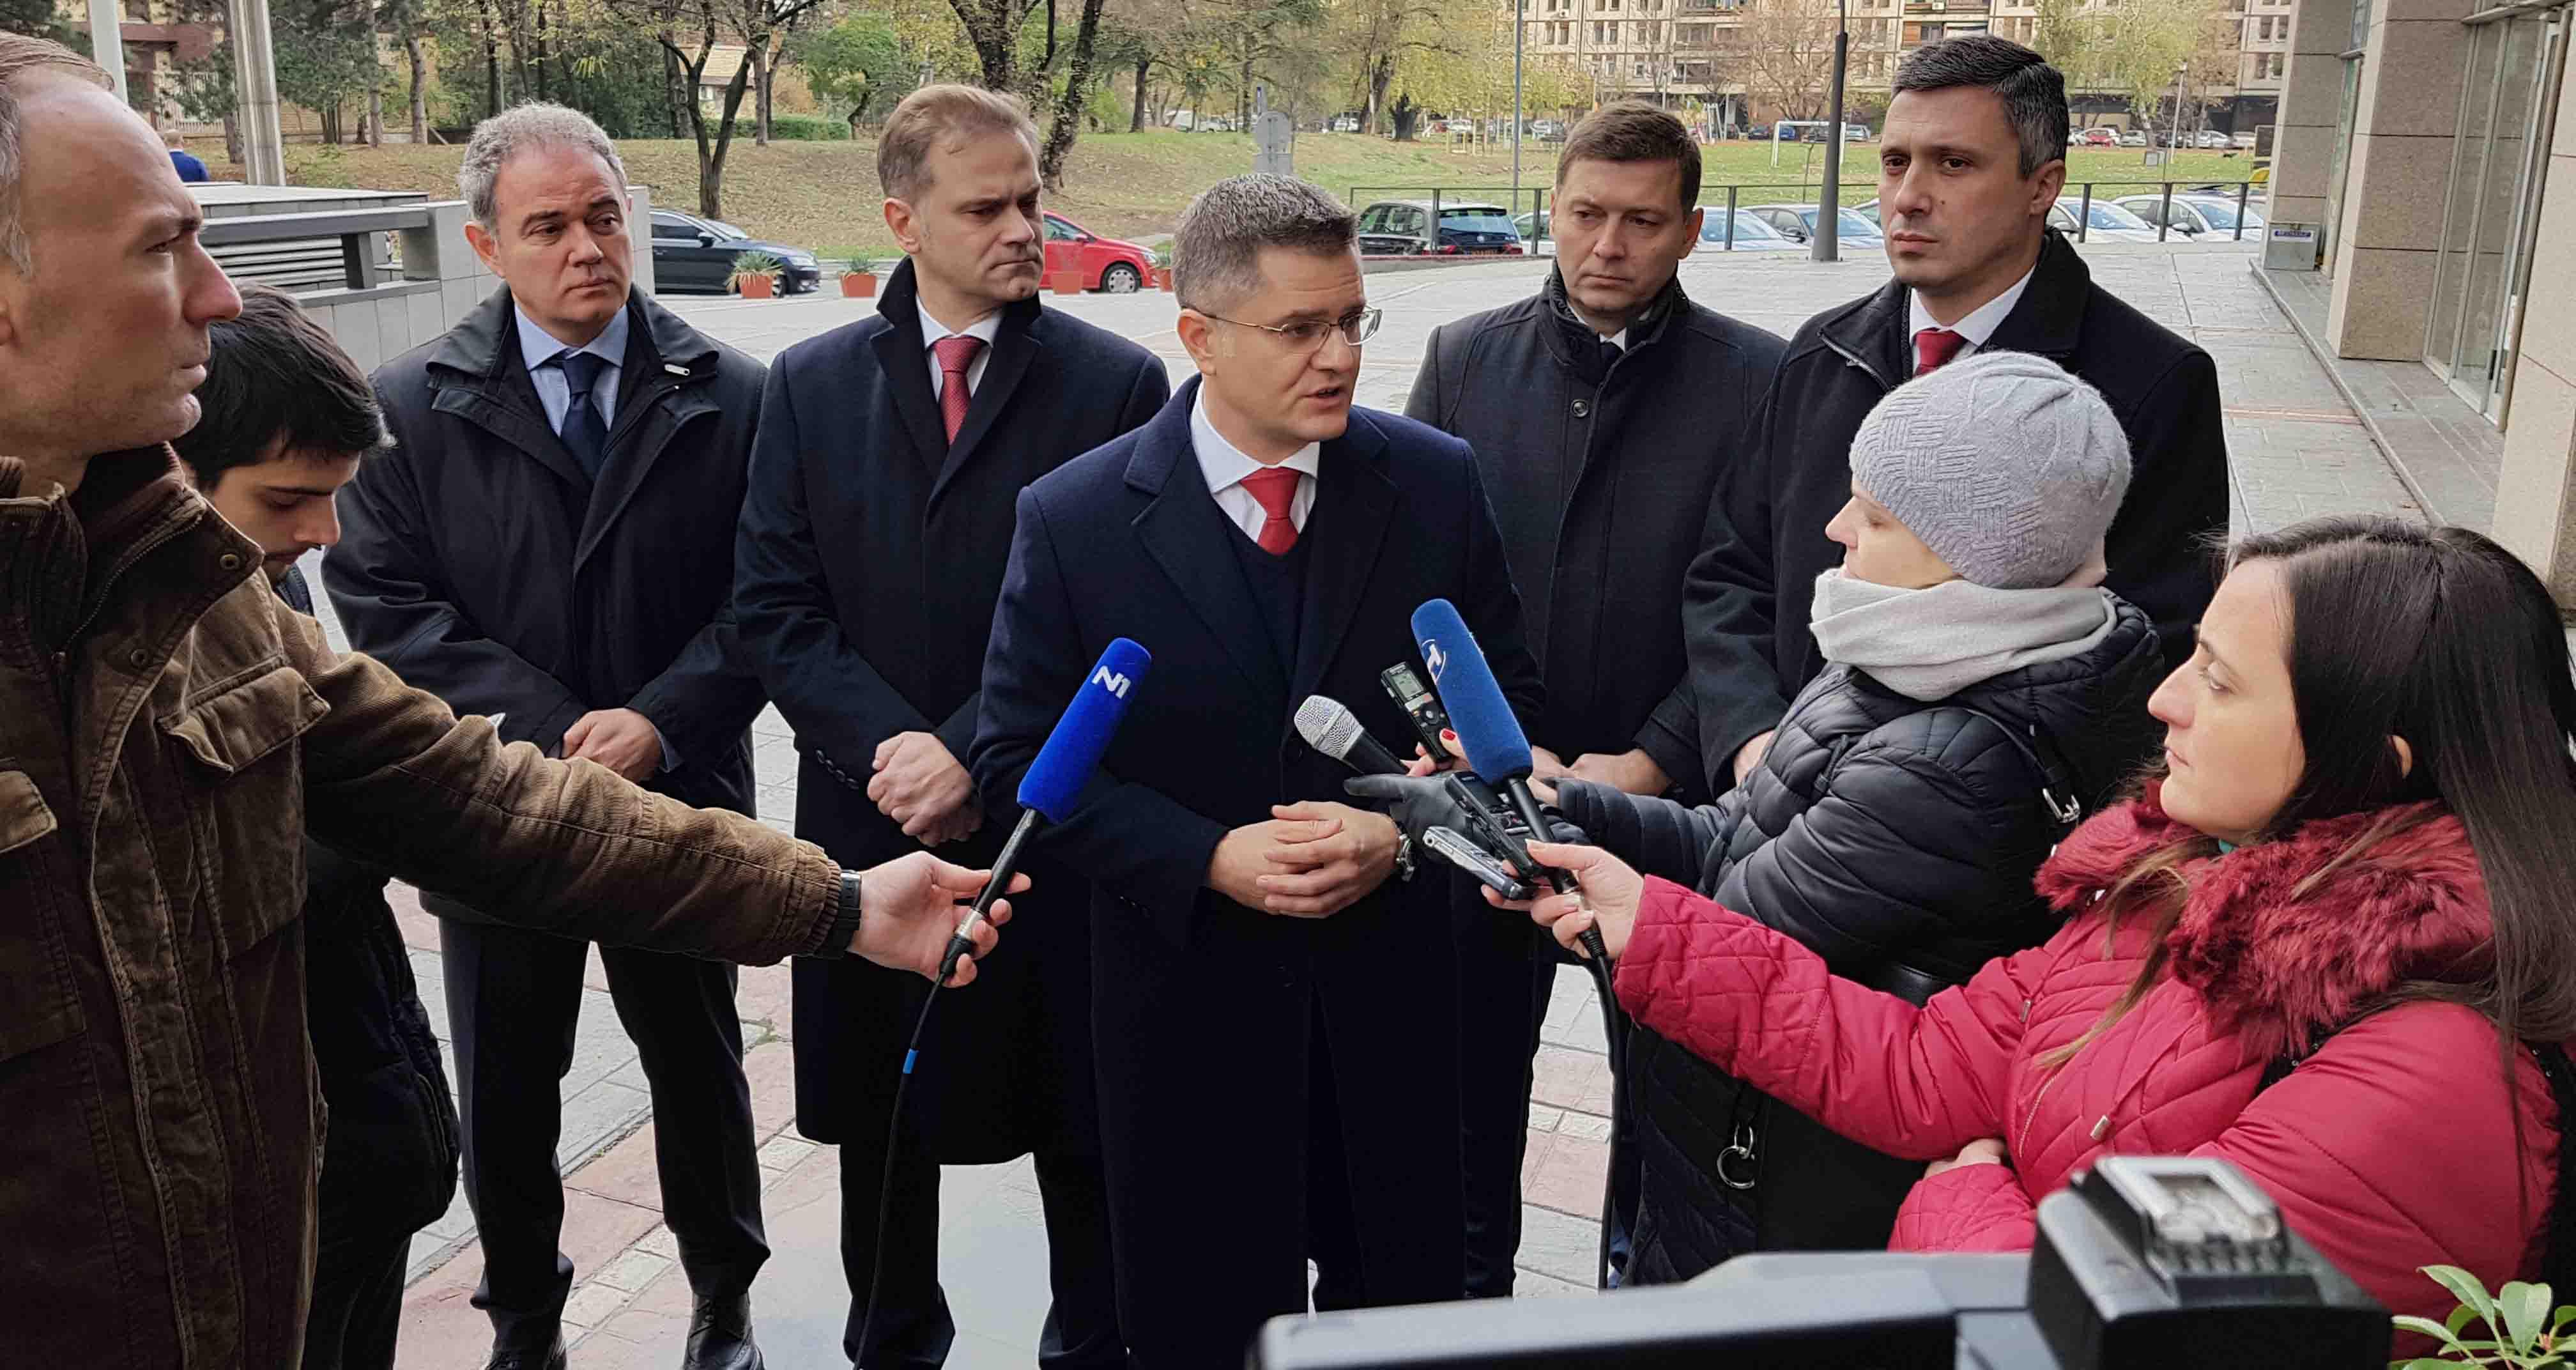 Јеремић после састанка са делегацијом ЕП: СЗС неће учествовати на изборима на пролеће 2020. године и тачка